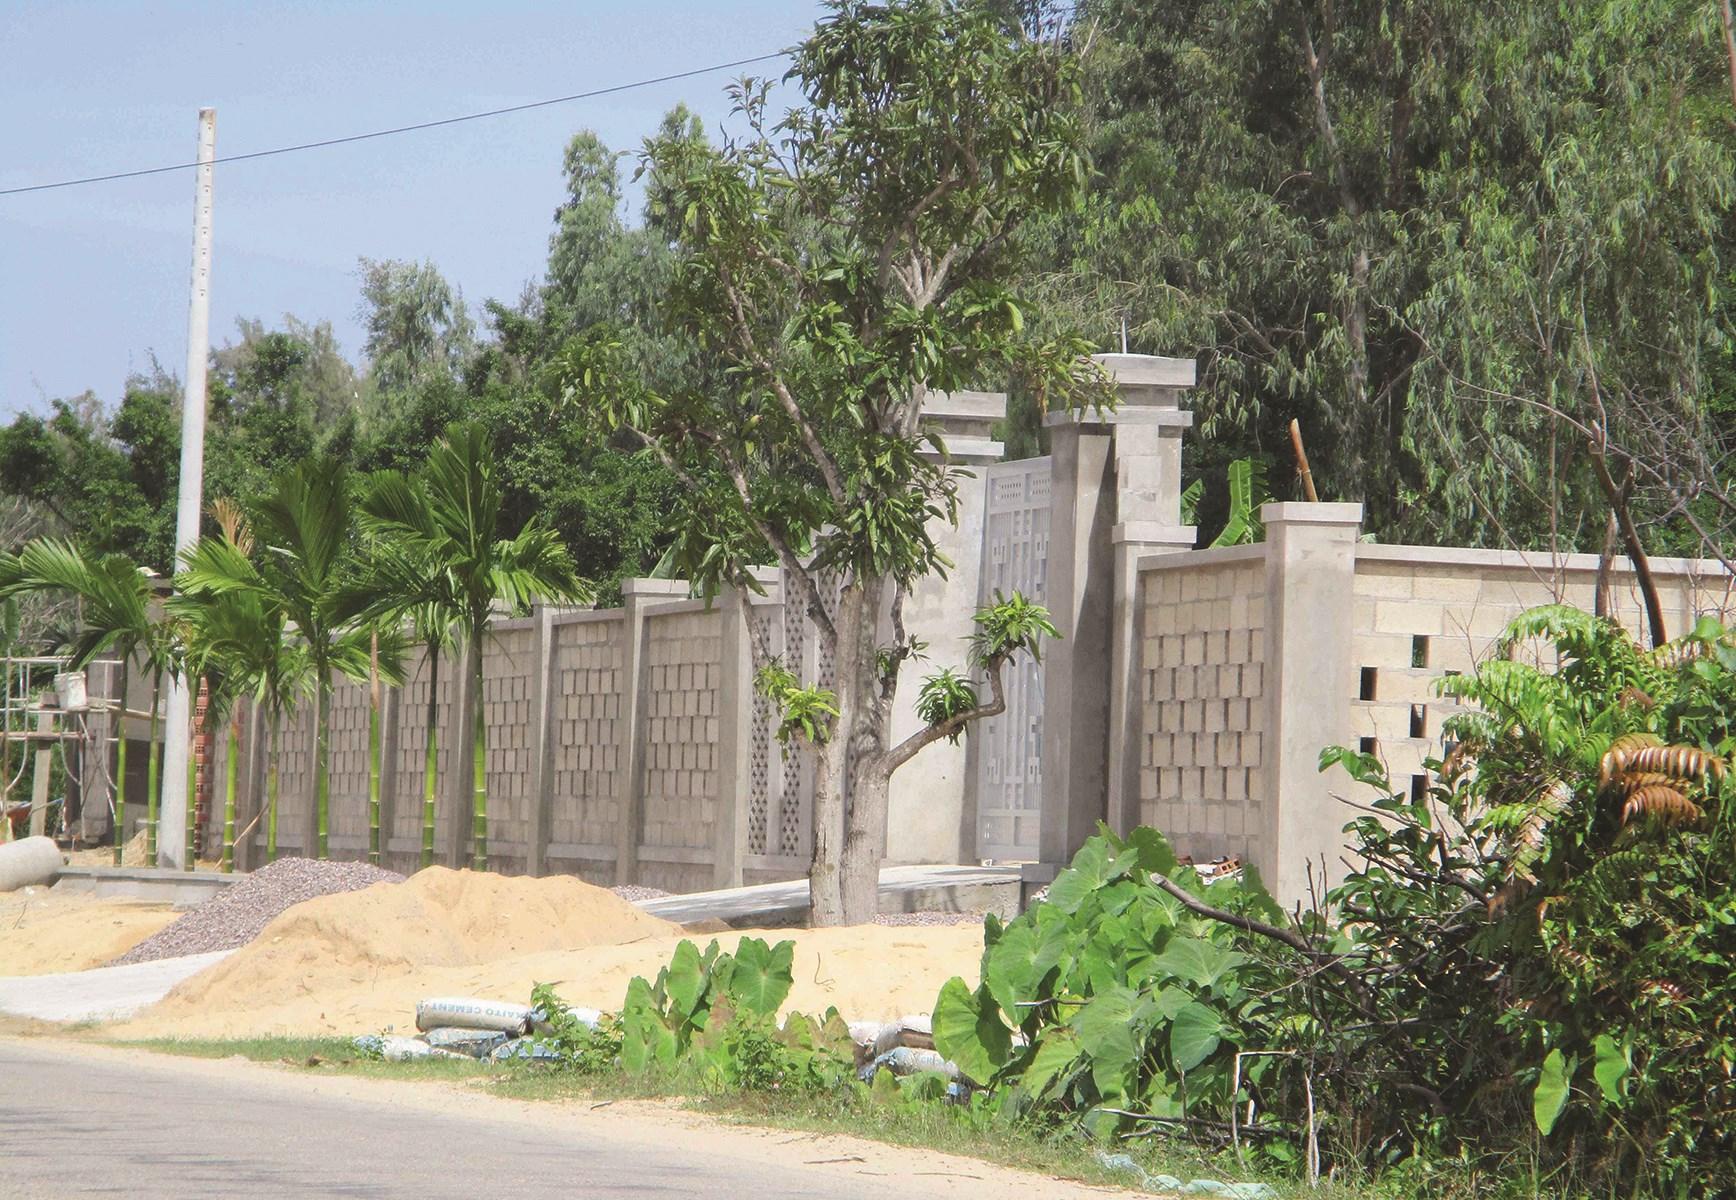 Nhiều trường hợp lấn chiếm đất, xây dựng công trình kiên cố trong KKT Nhơn Hội vẫn chưa được xử lý